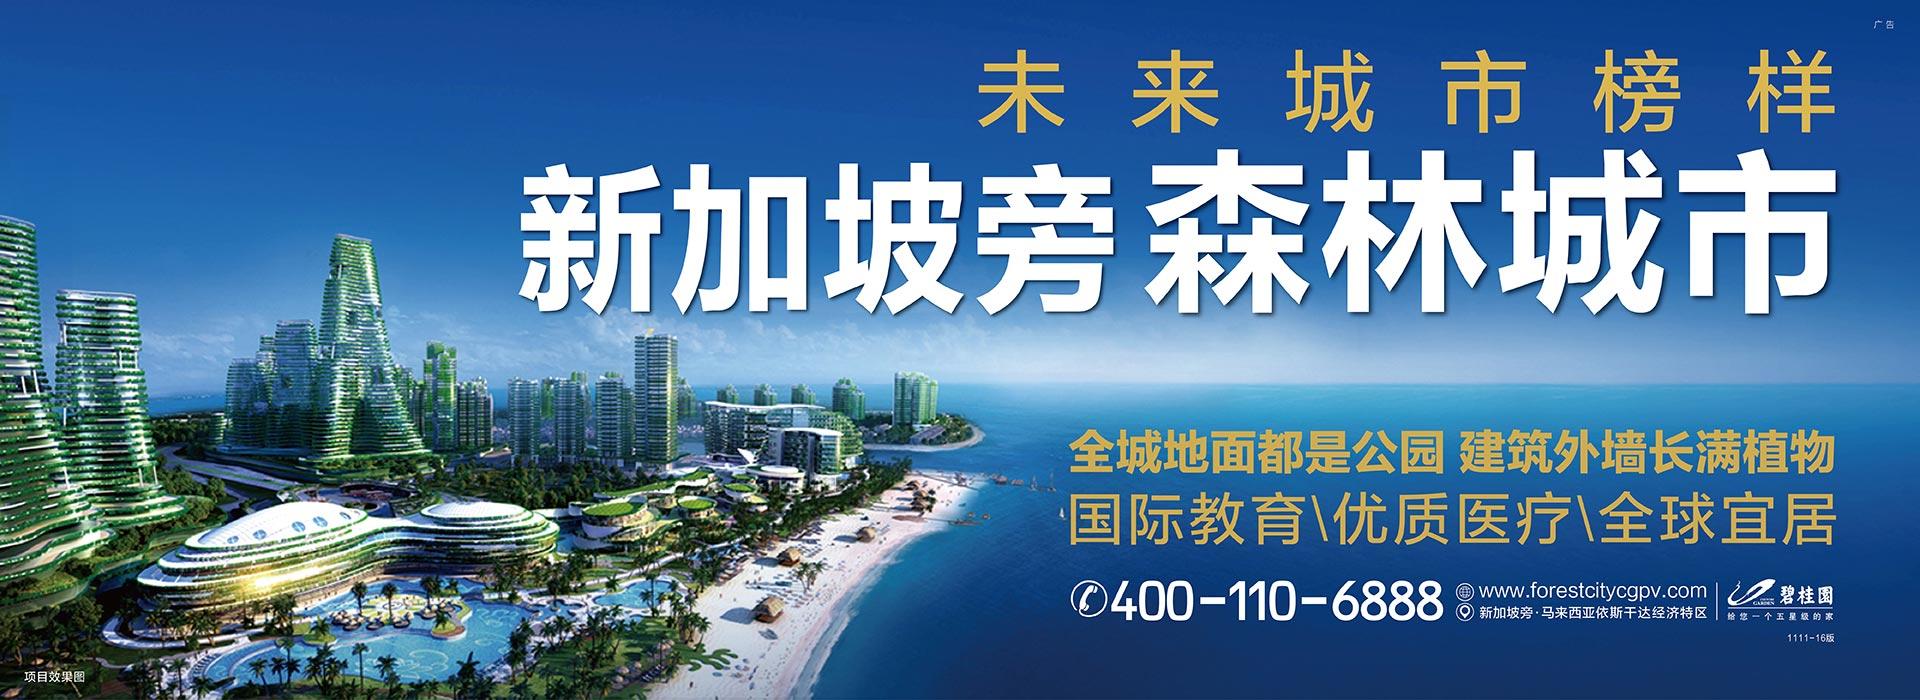 不用100万轻松海外置业,就买新加坡旁森林城市